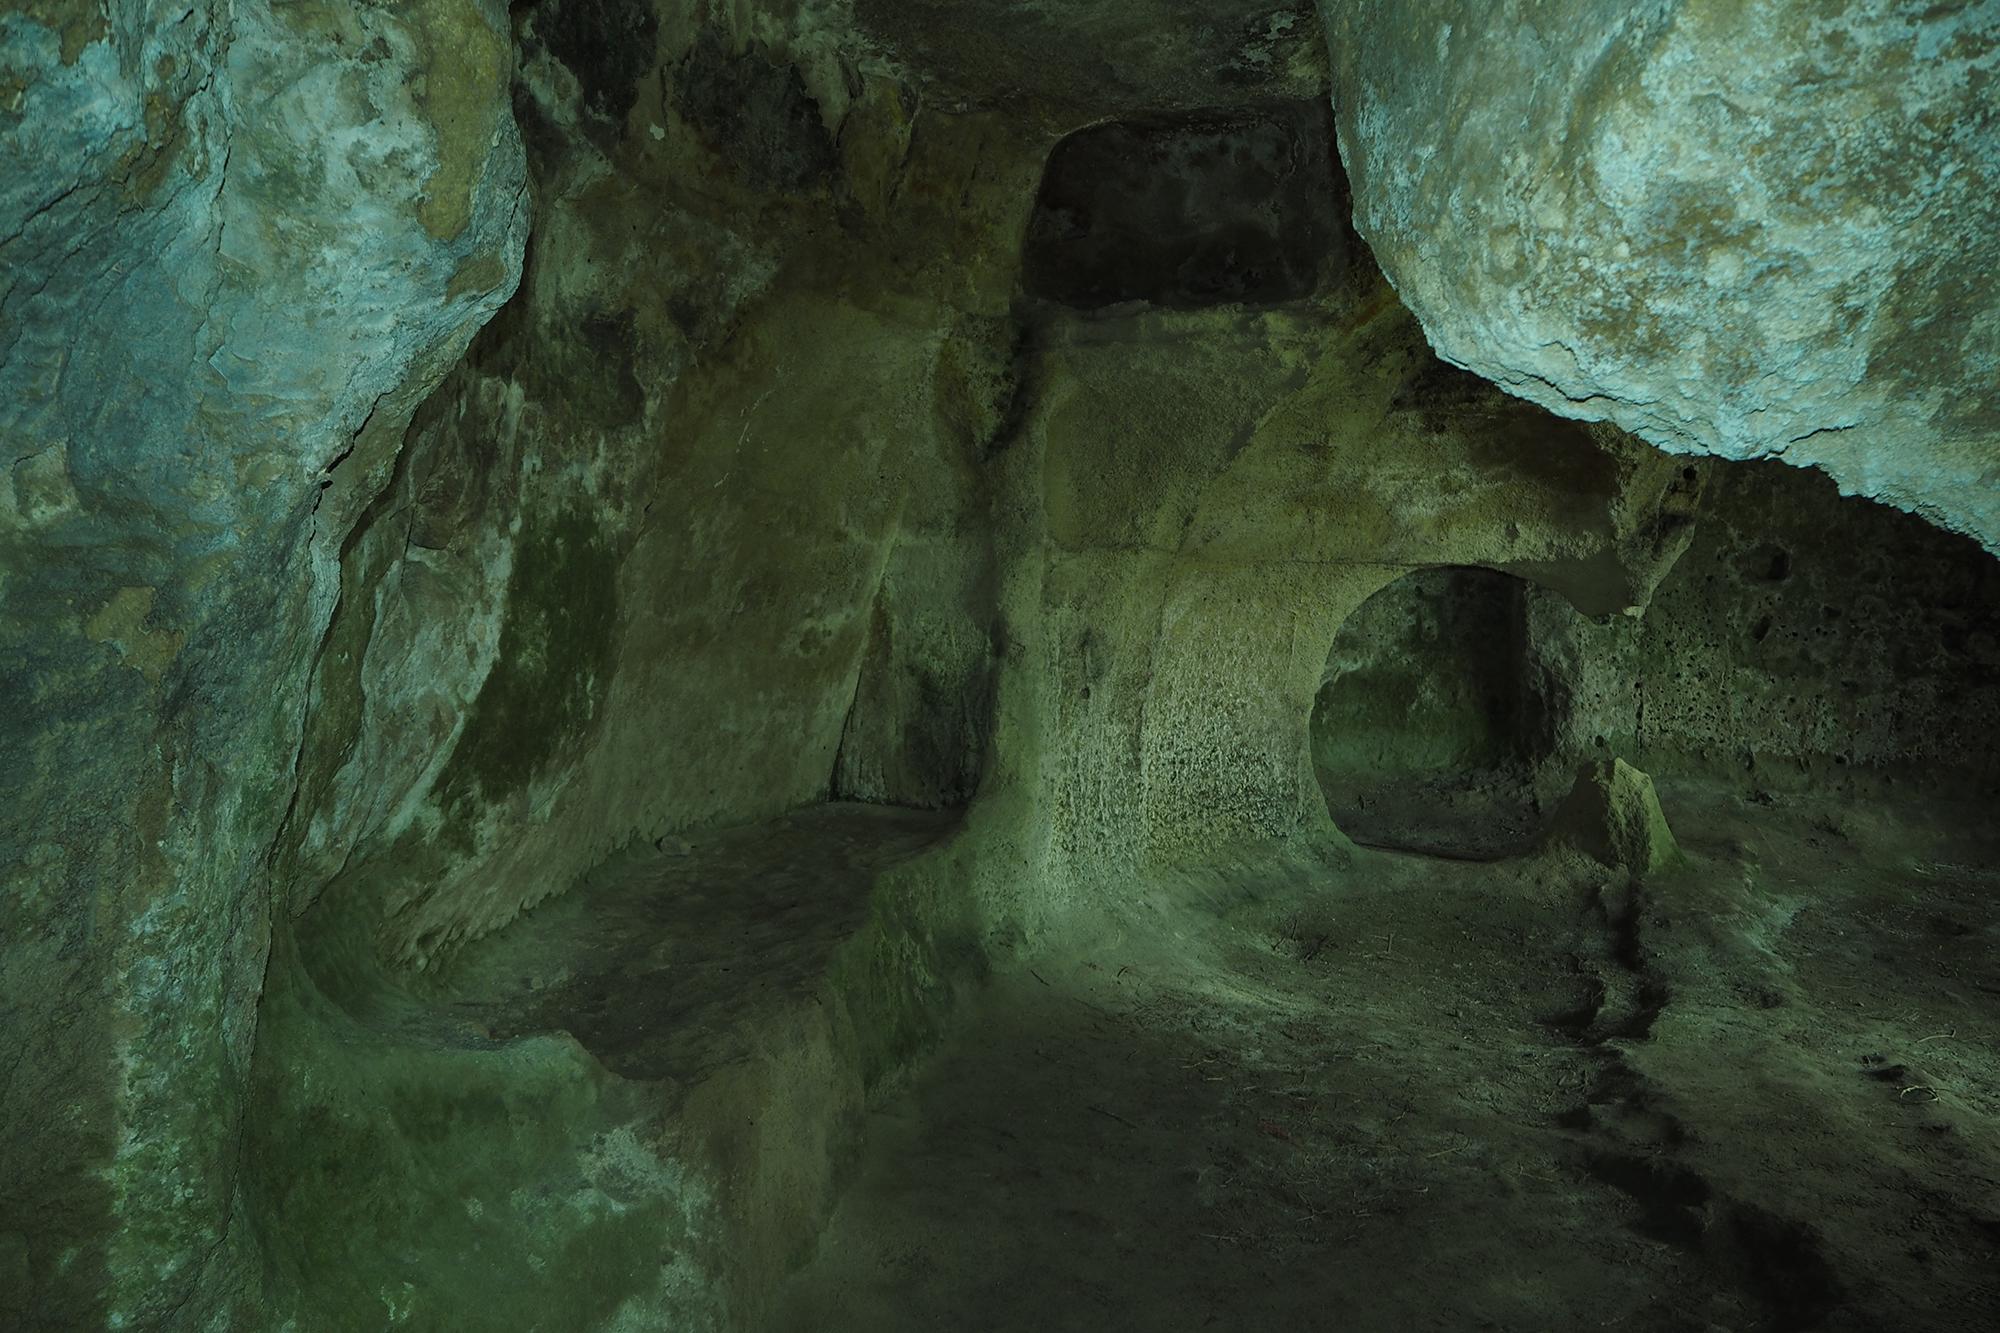 Mottola (Puglia) Grande spazio rupestre con stanze collegate attrezzato con panche per la seduta. E' possibile che fosse un antico monastero abitato dai monaci